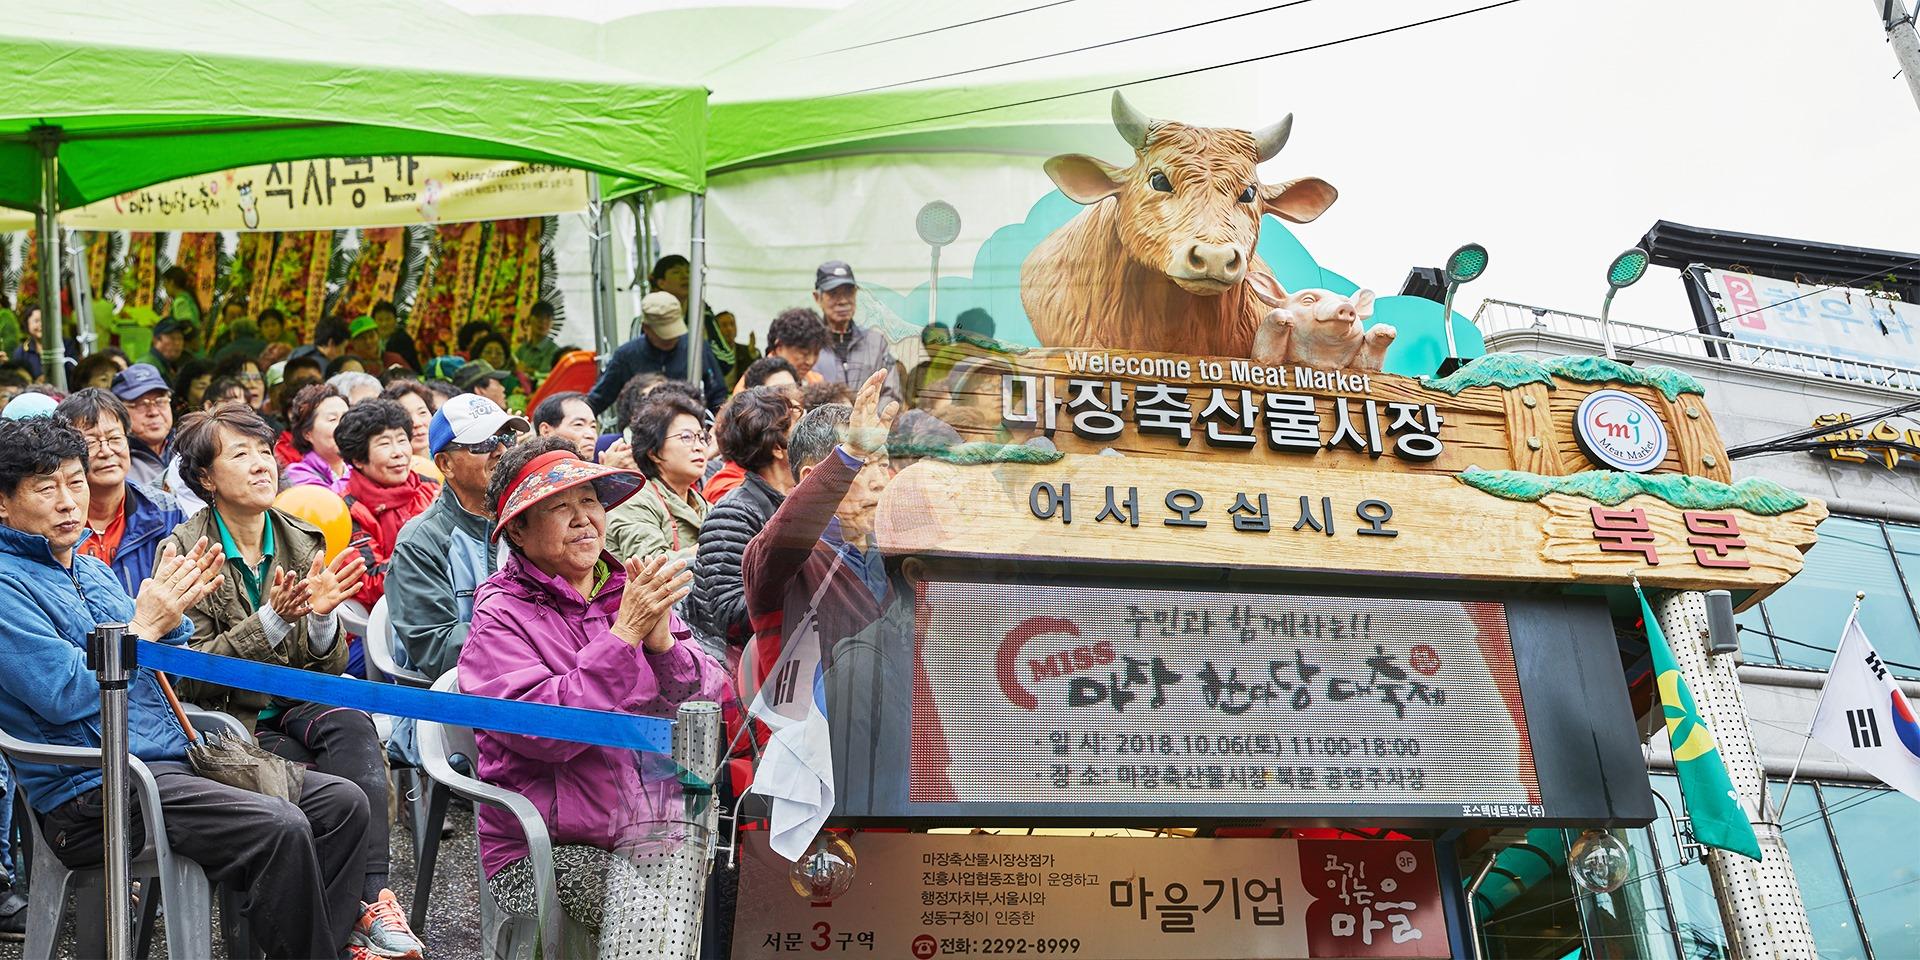 2018전통시장 가을축제 시장愛<BR />MISS 마장 한마당 대축제